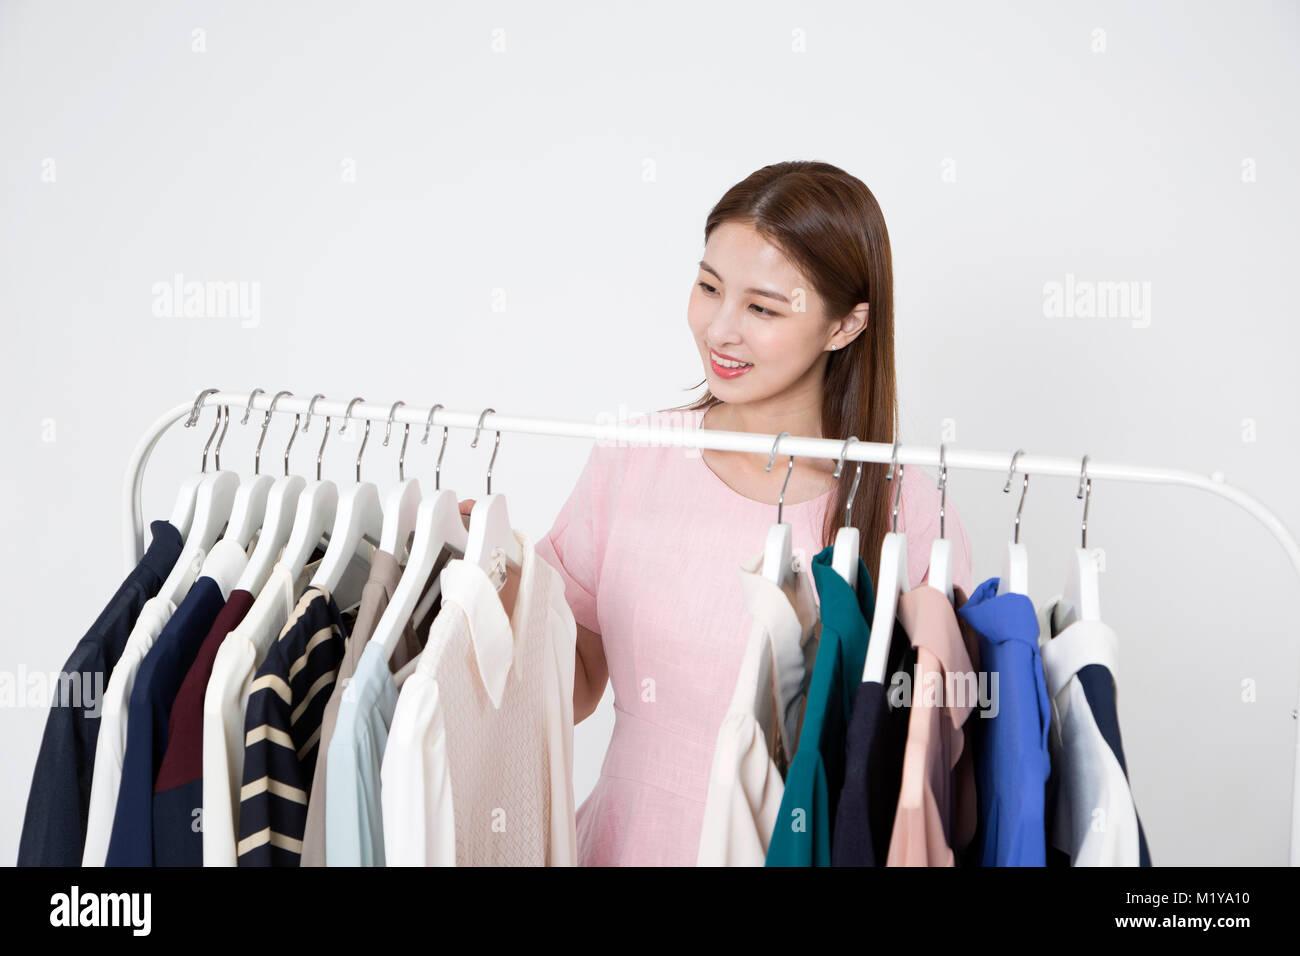 La vie quotidienne de la belle jeune femme, shopping, concept de travail photo en studio shot fond blanc. 210 Photo Stock